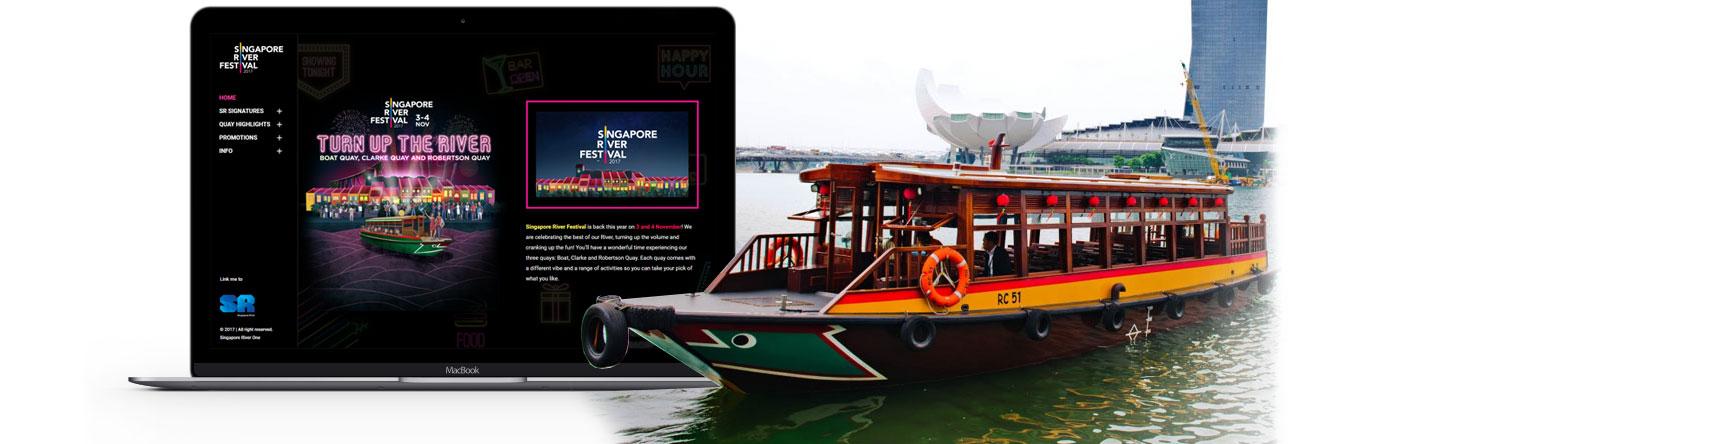 website-portfolio-singapore-river